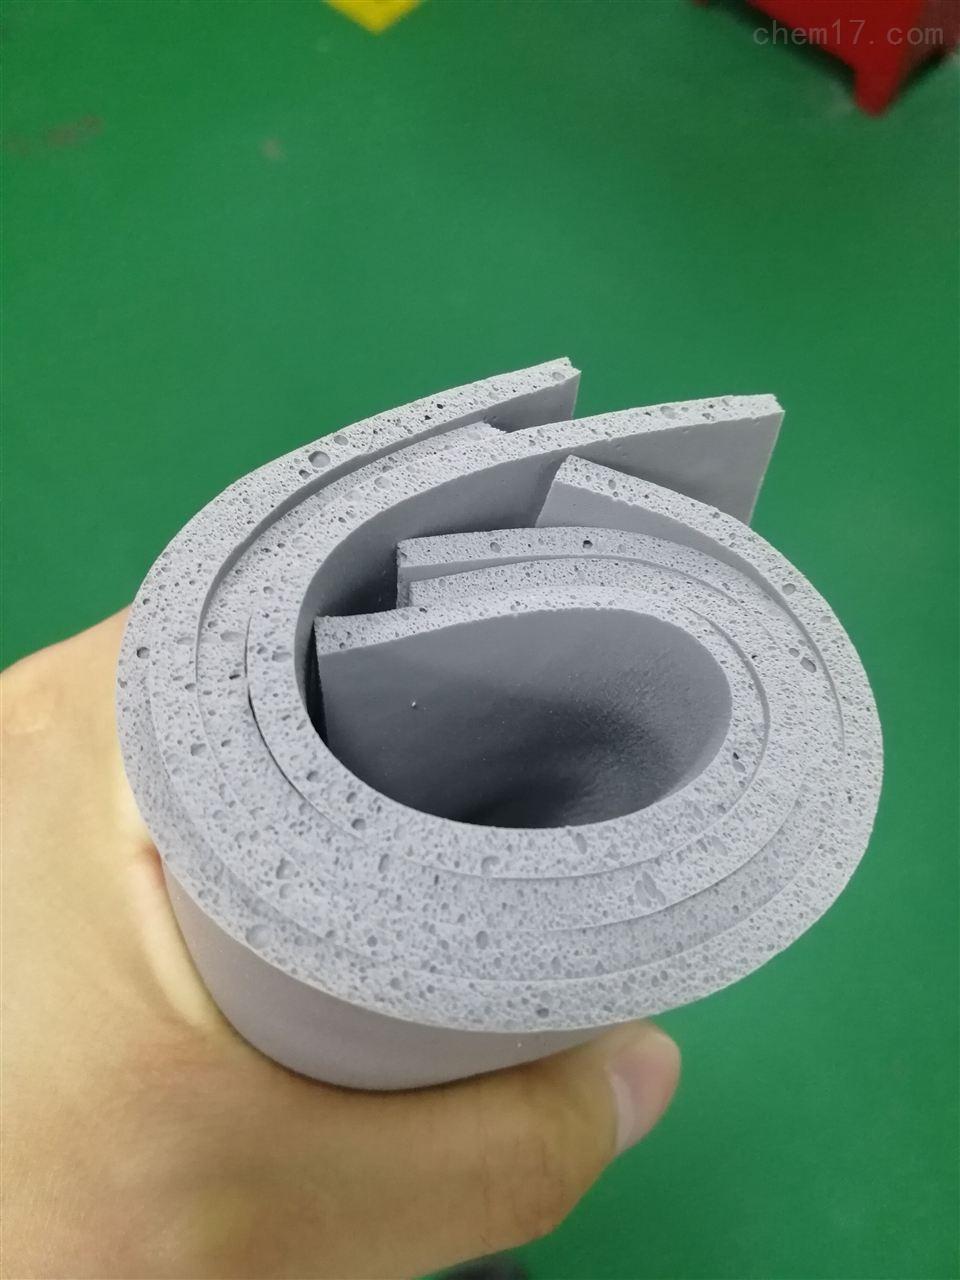 新能源汽车电池绝缘防水密封发泡硅橡胶